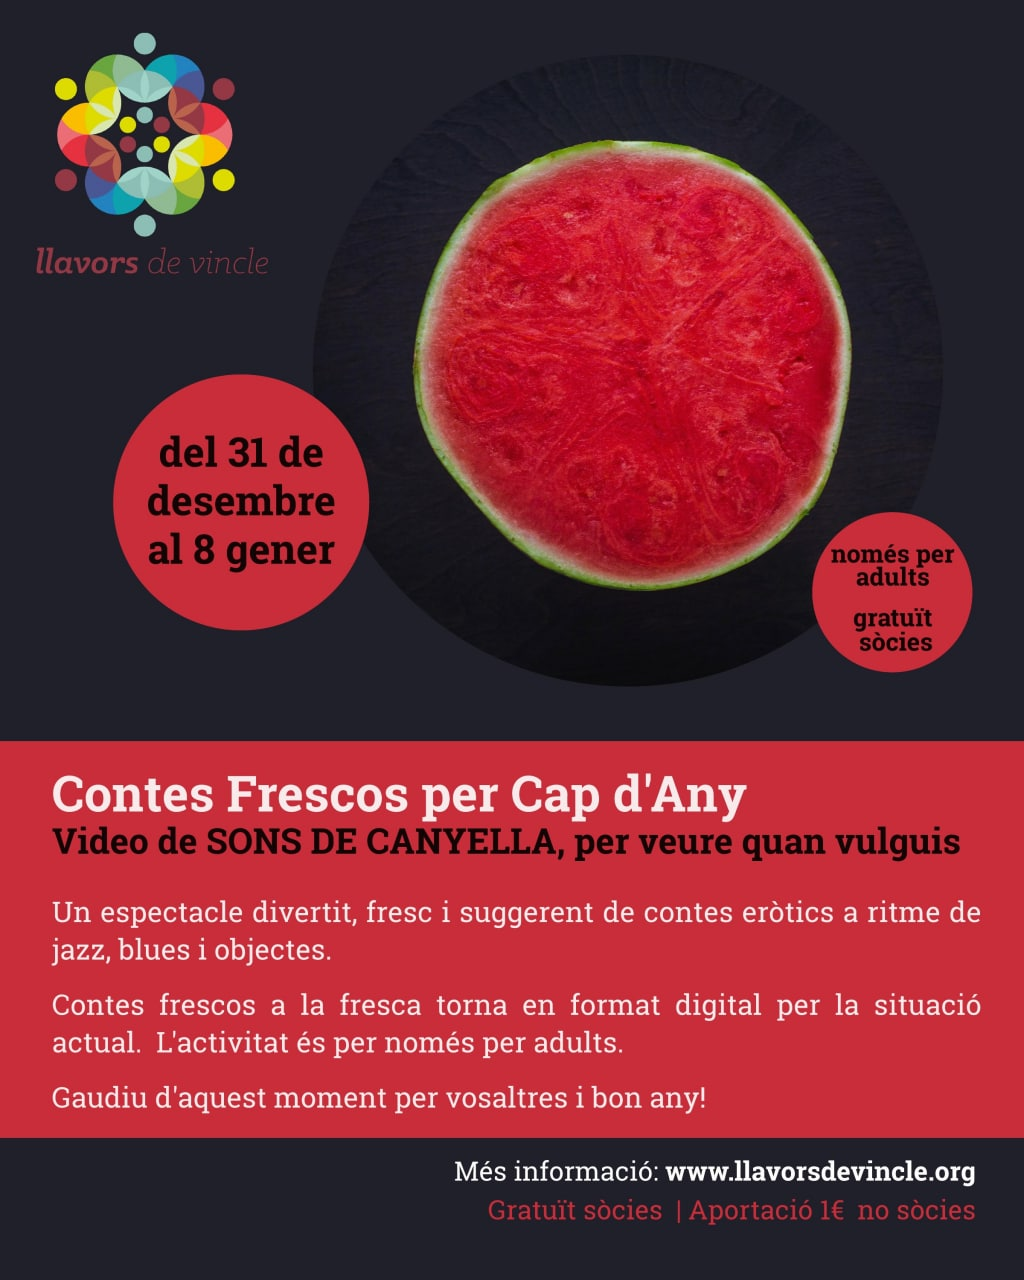 Contes Frescos per Cap d'Any